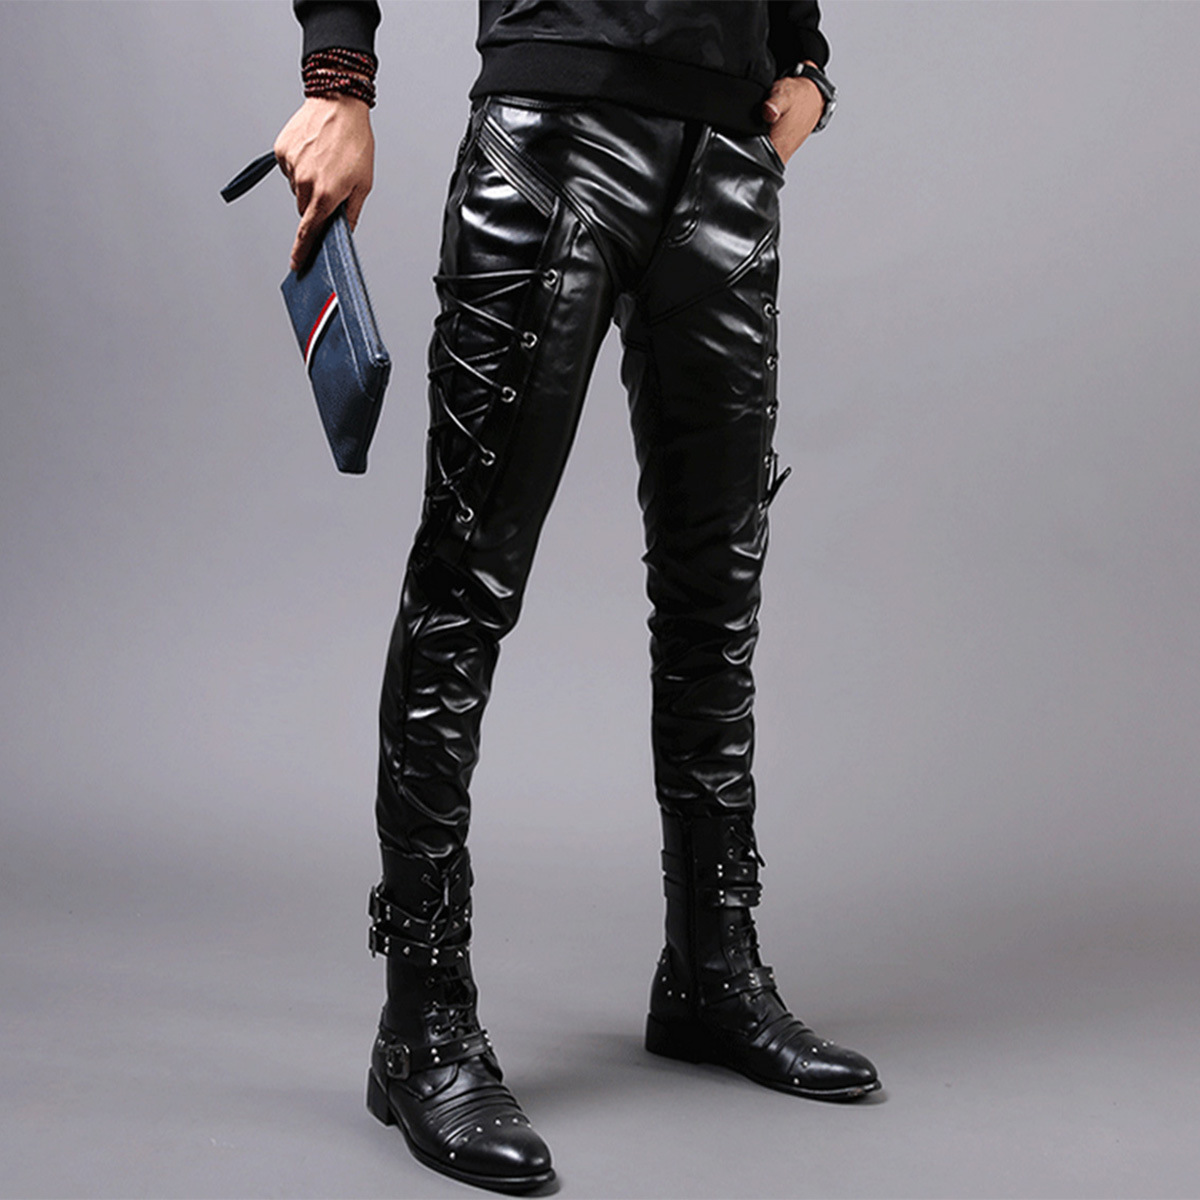 Moto Biker Streetwear 2020 Fashion Leather Pencil Pants For Men Plus Size 28-38 Black+zipper+sweatpants+faux Leather+windbreak